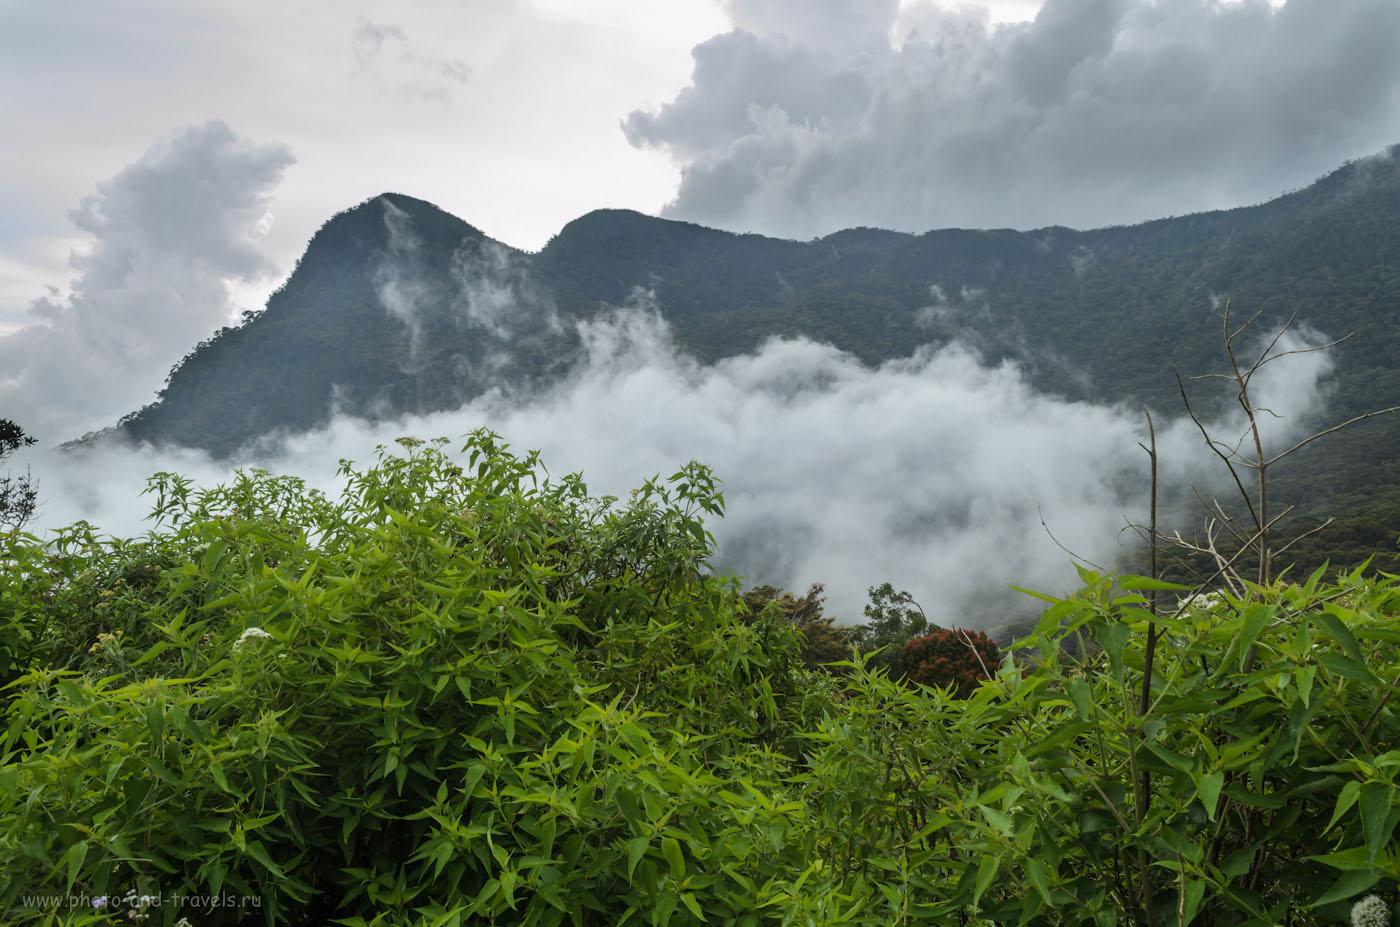 Фото 16. Совершенно дикие места на территории национального парка Хортон Плейнс (Horton Plains) в Шри-Ланке. Эти пейзажи в навряд ли найдете в отчетах туристов - мы выбрали эту дорогу случайно, Гугл-Карты маршрут этот не видит. Смотрите карту в первой главе отчета.